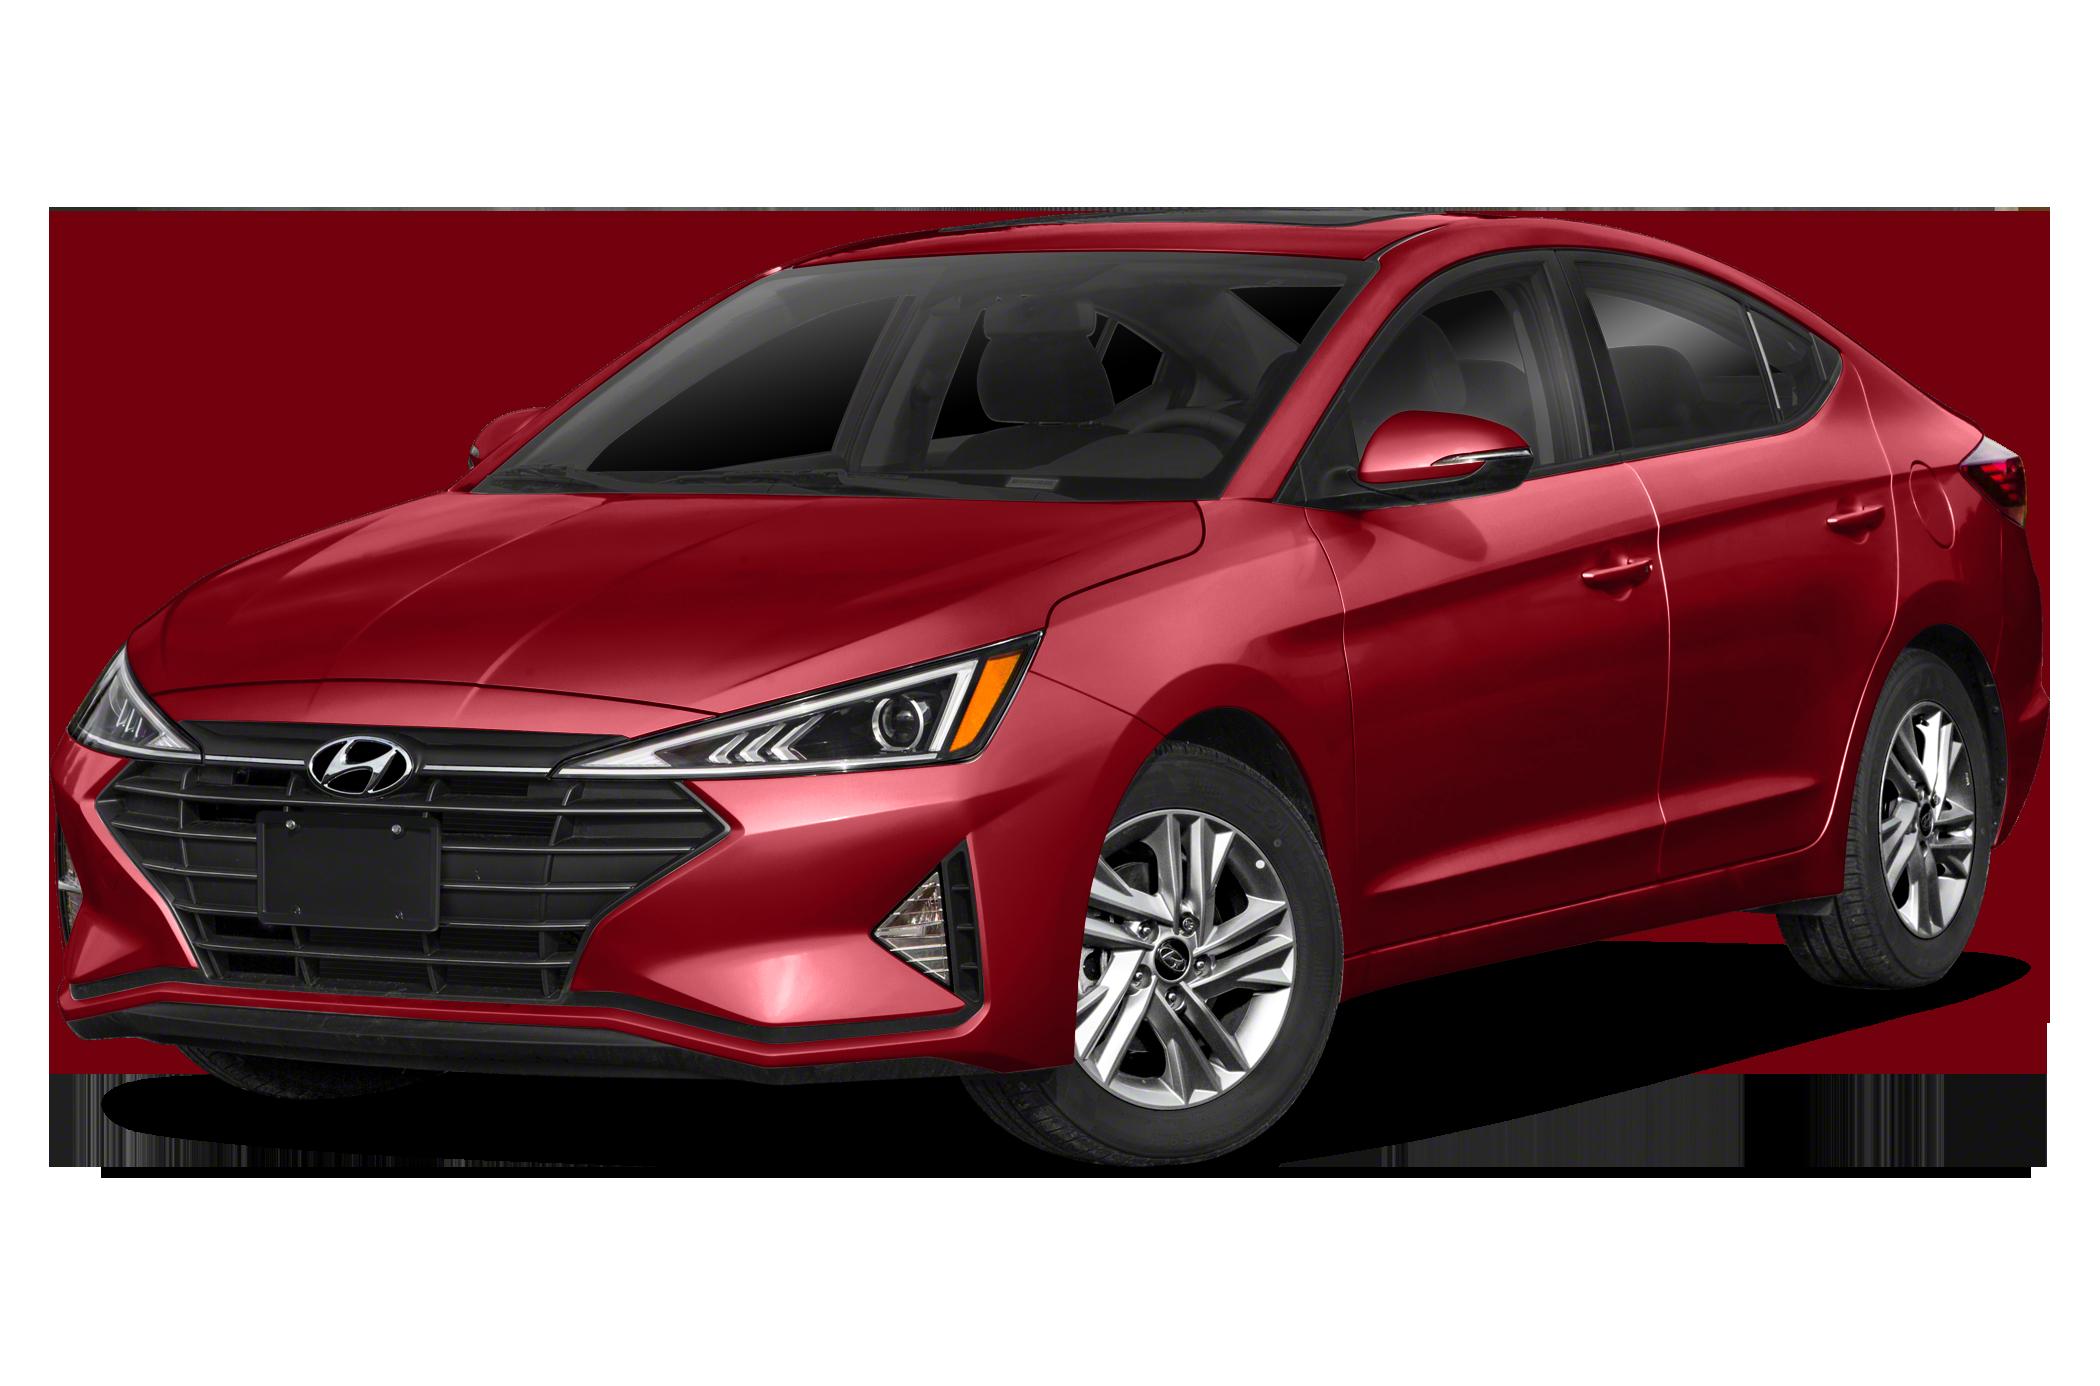 Compare Hyundai/Elantra to Ford/Focus